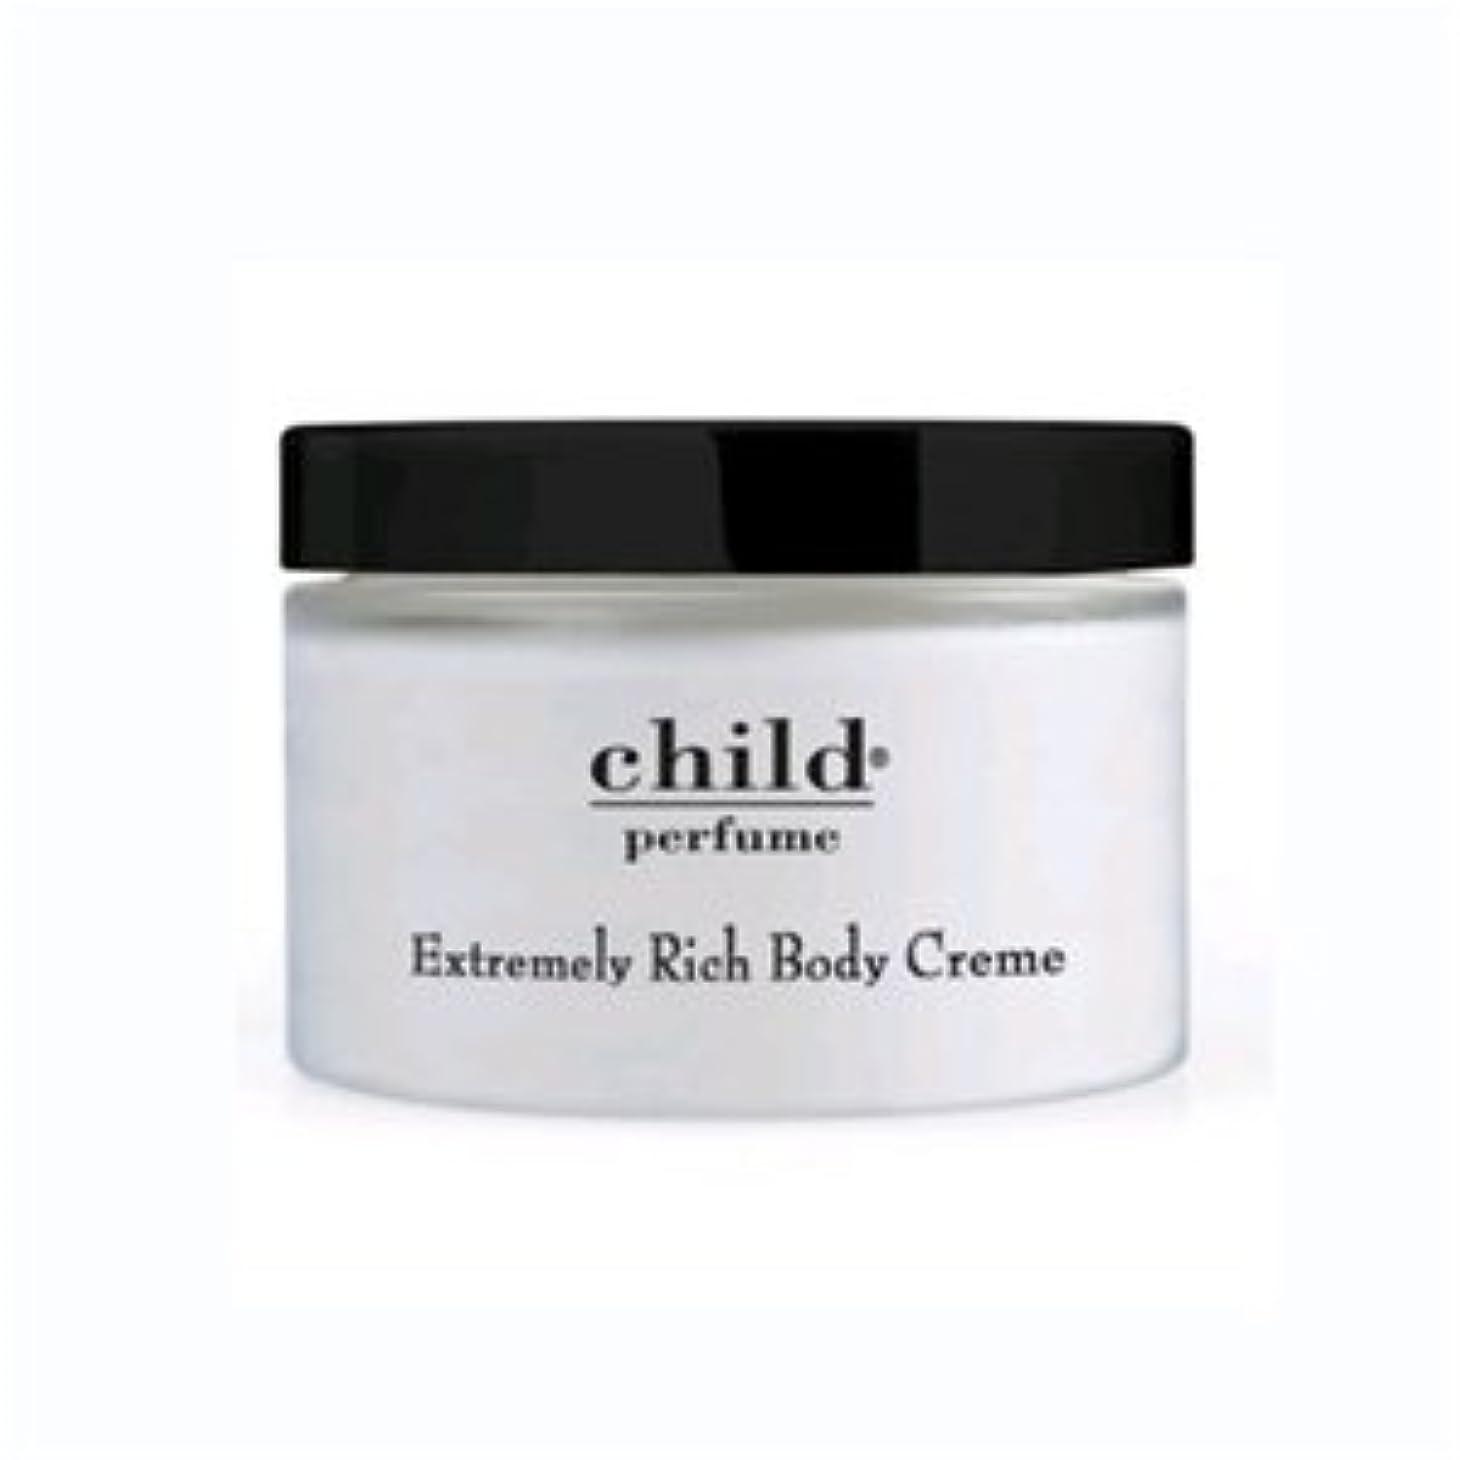 緩む部分その間Child Extremely Rich Body Creme (チャイルド エクストリームリーリッチ ボディークリーム) 8.0 oz (240ml) by Child for Women